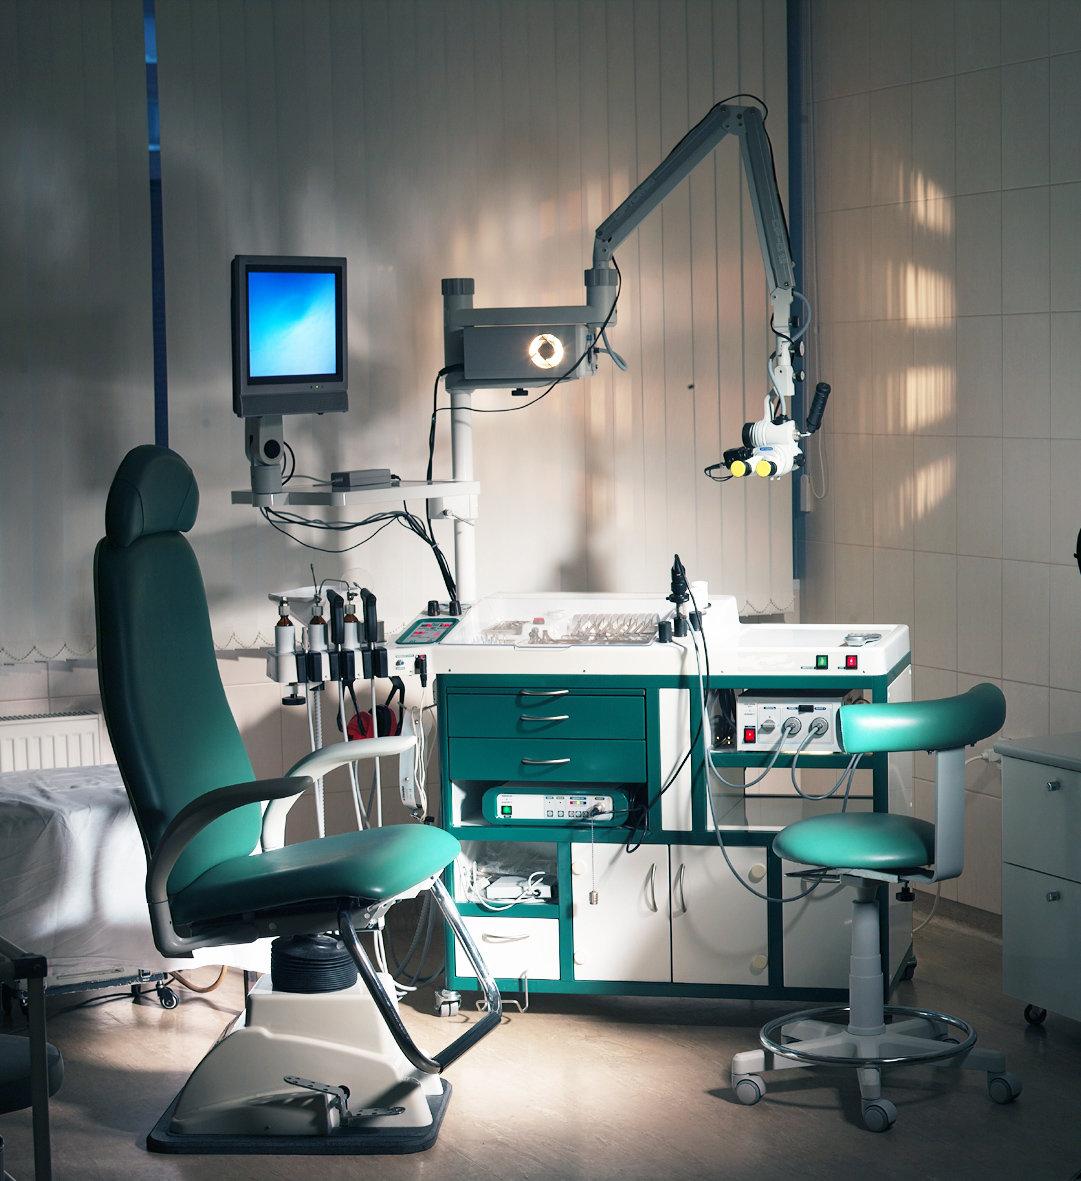 как продавать медицинское оборудование